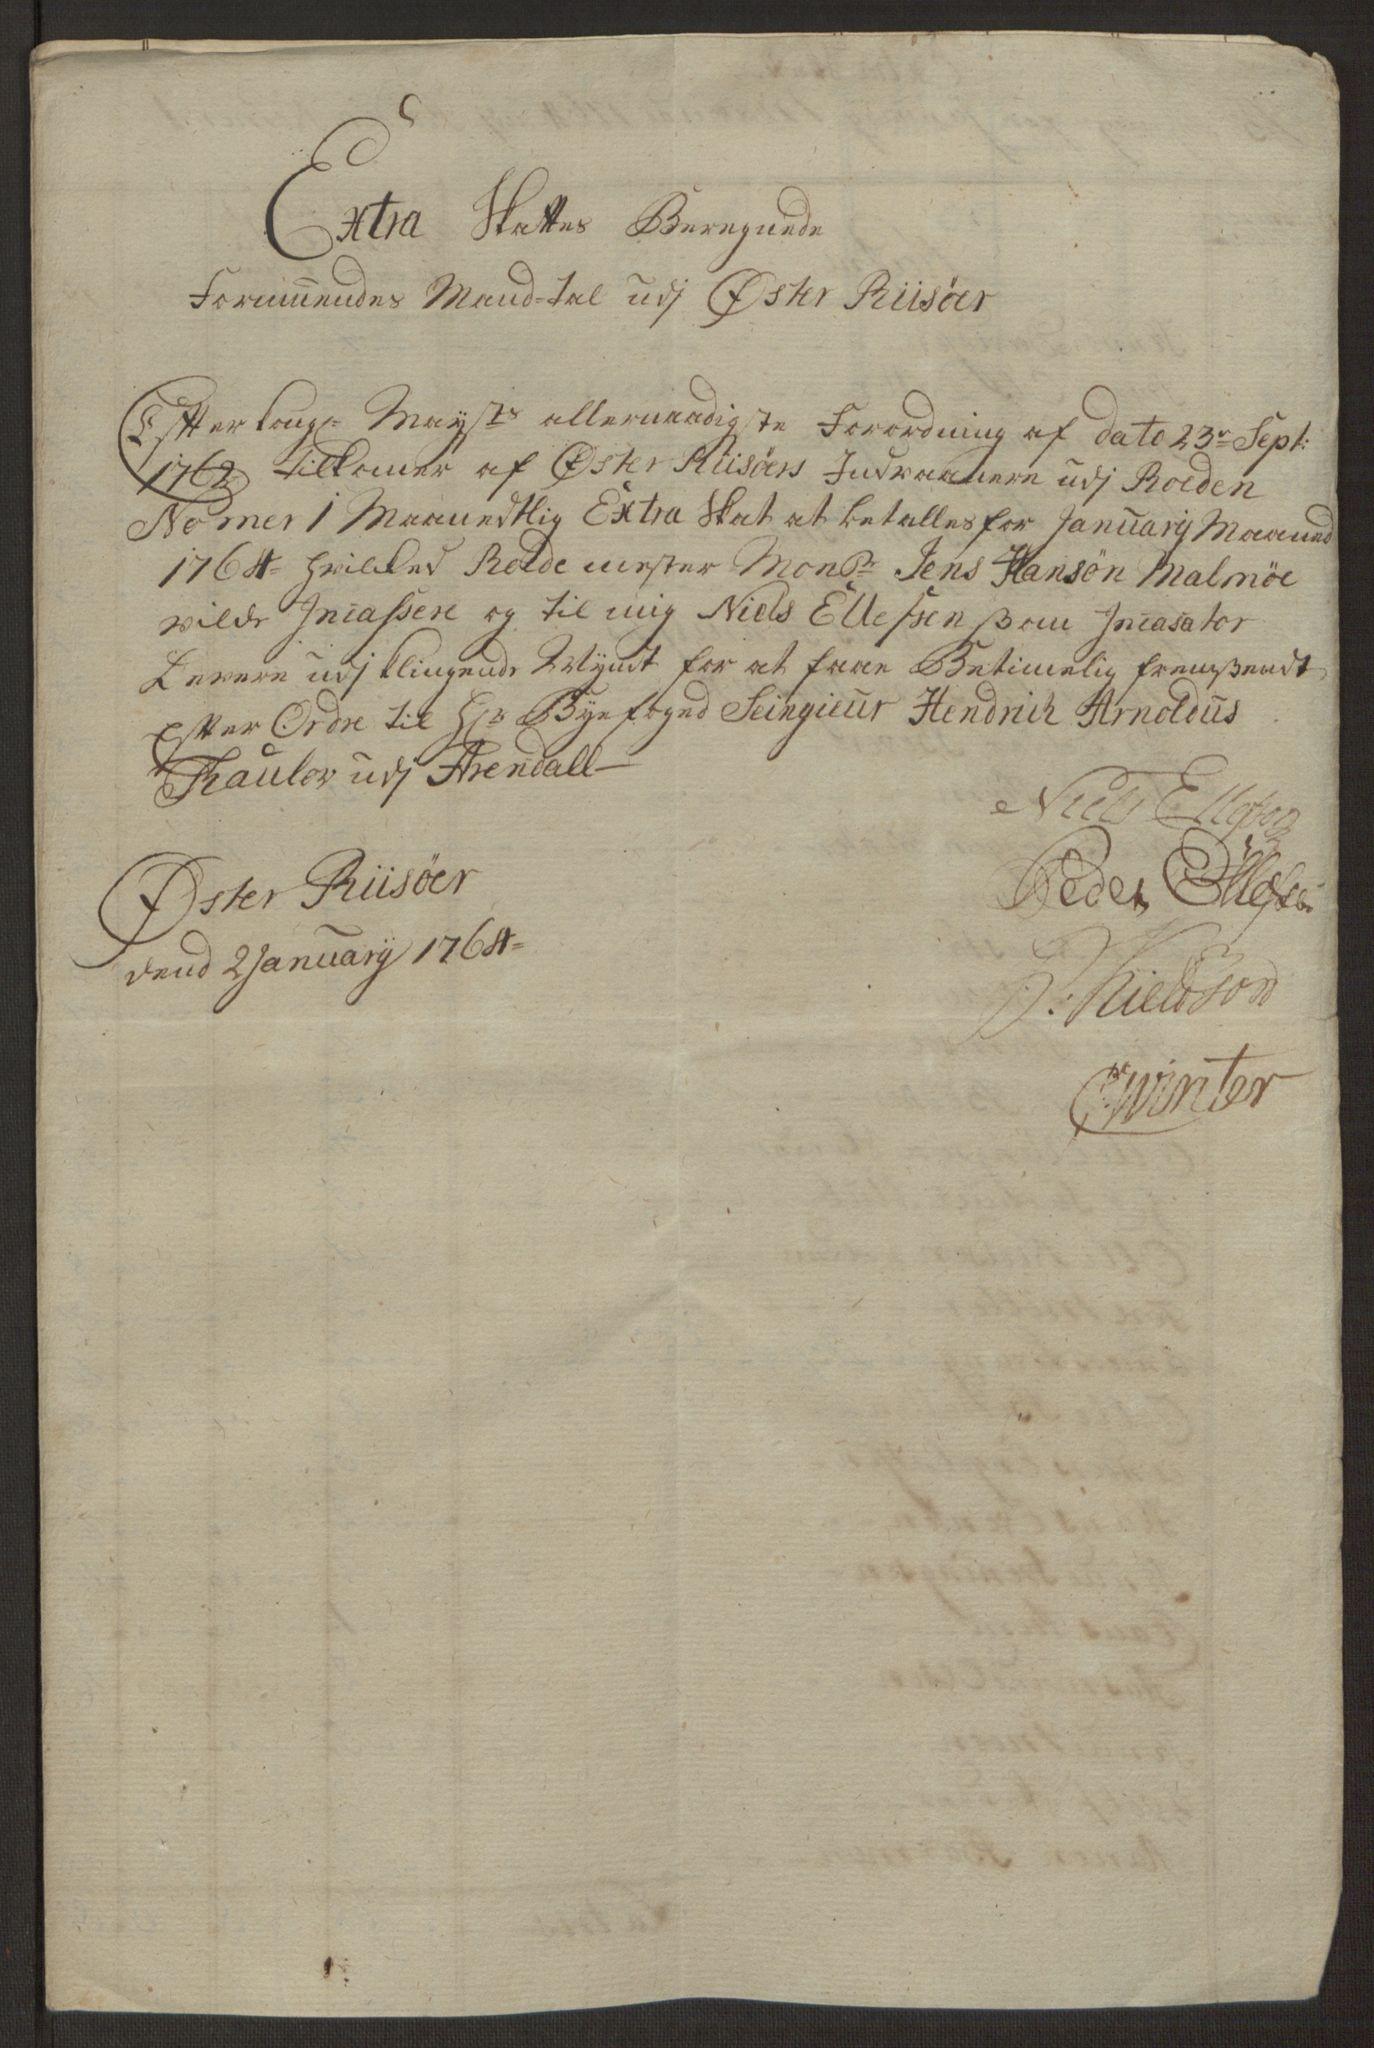 RA, Rentekammeret inntil 1814, Reviderte regnskaper, Byregnskaper, R/Rl/L0230: [L4] Kontribusjonsregnskap, 1762-1764, s. 422